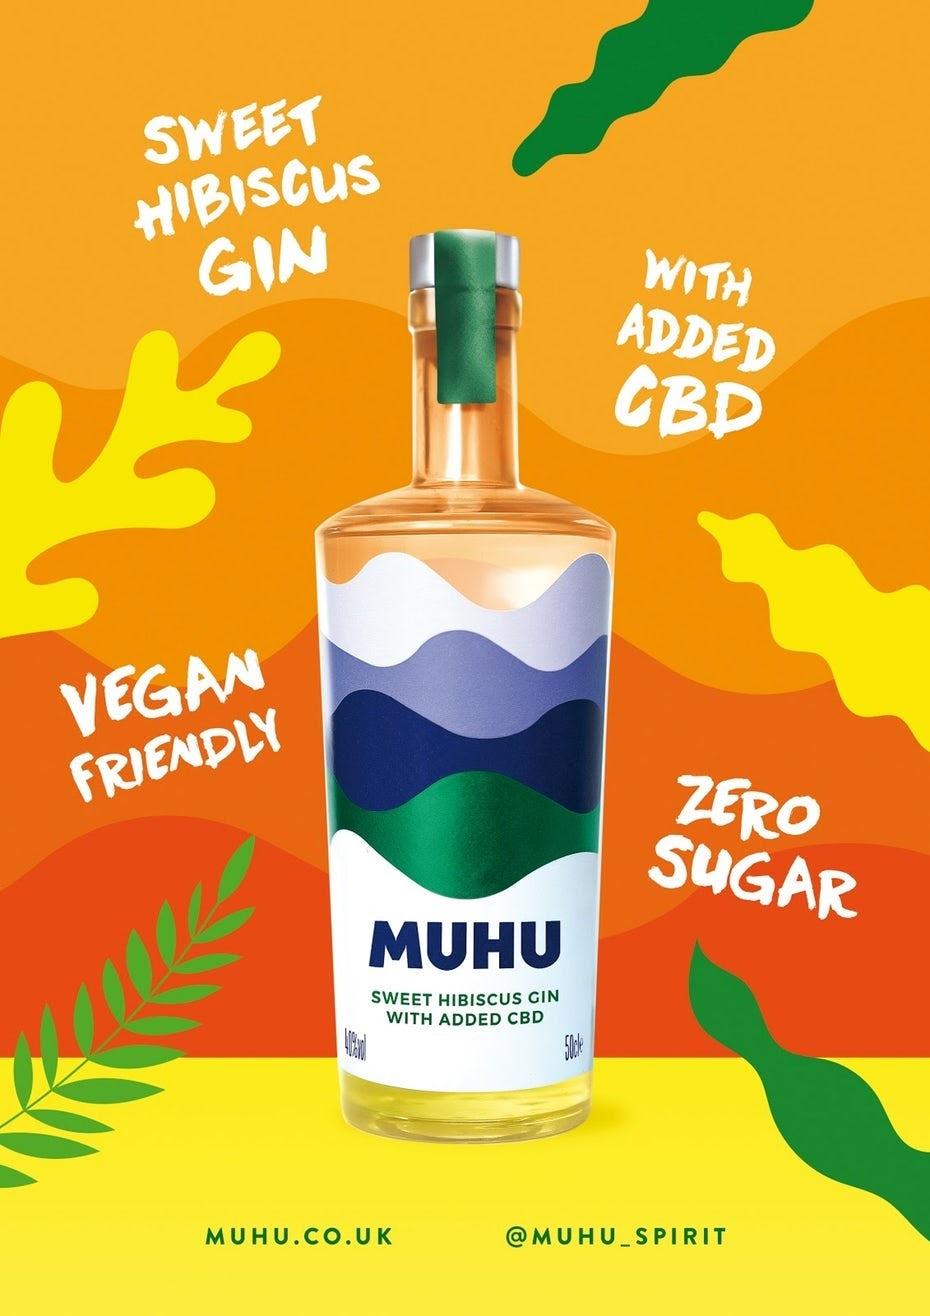 MUHU flyer